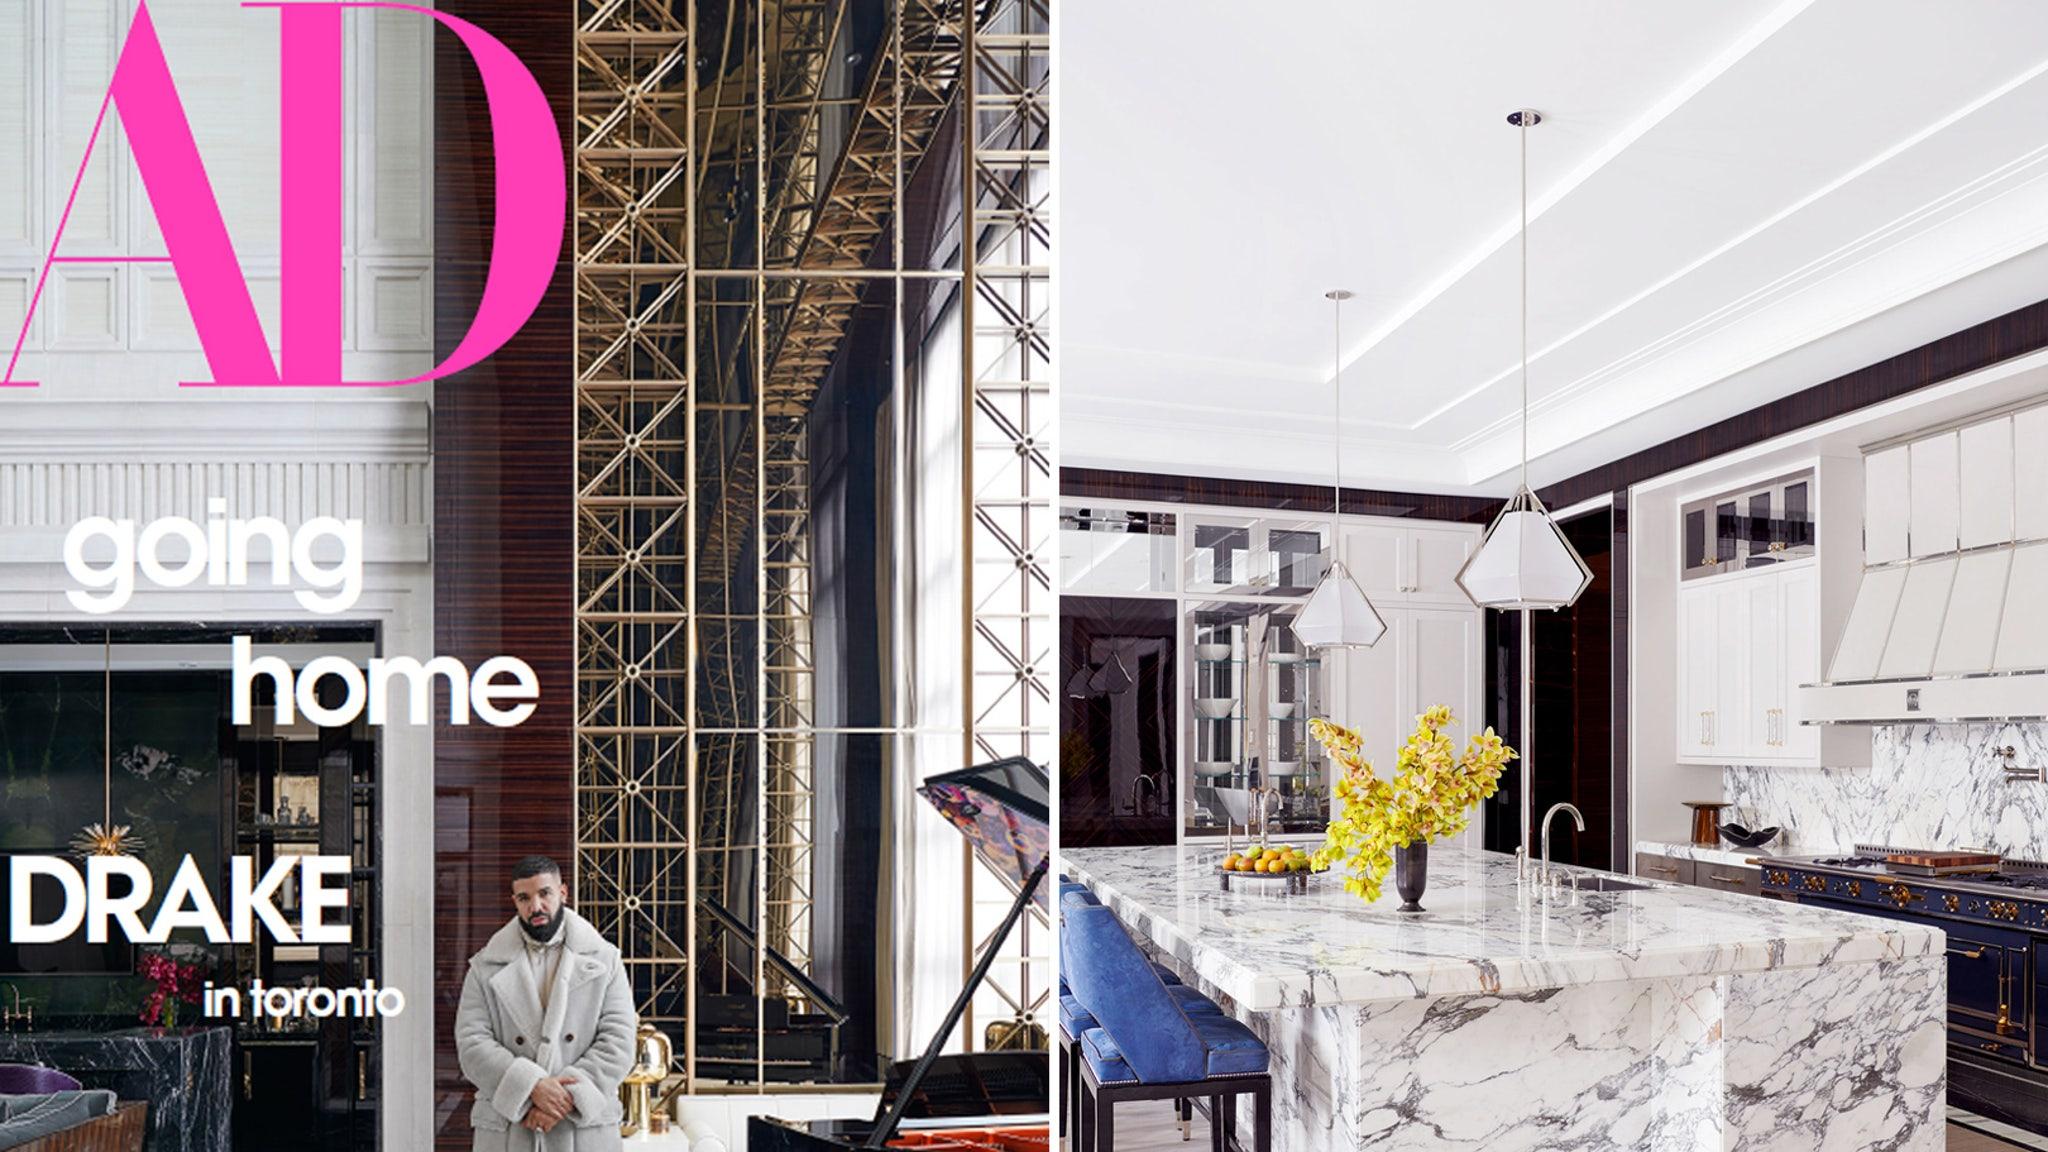 Drake S Insane 50 000 Square Foot Toronto Mansion